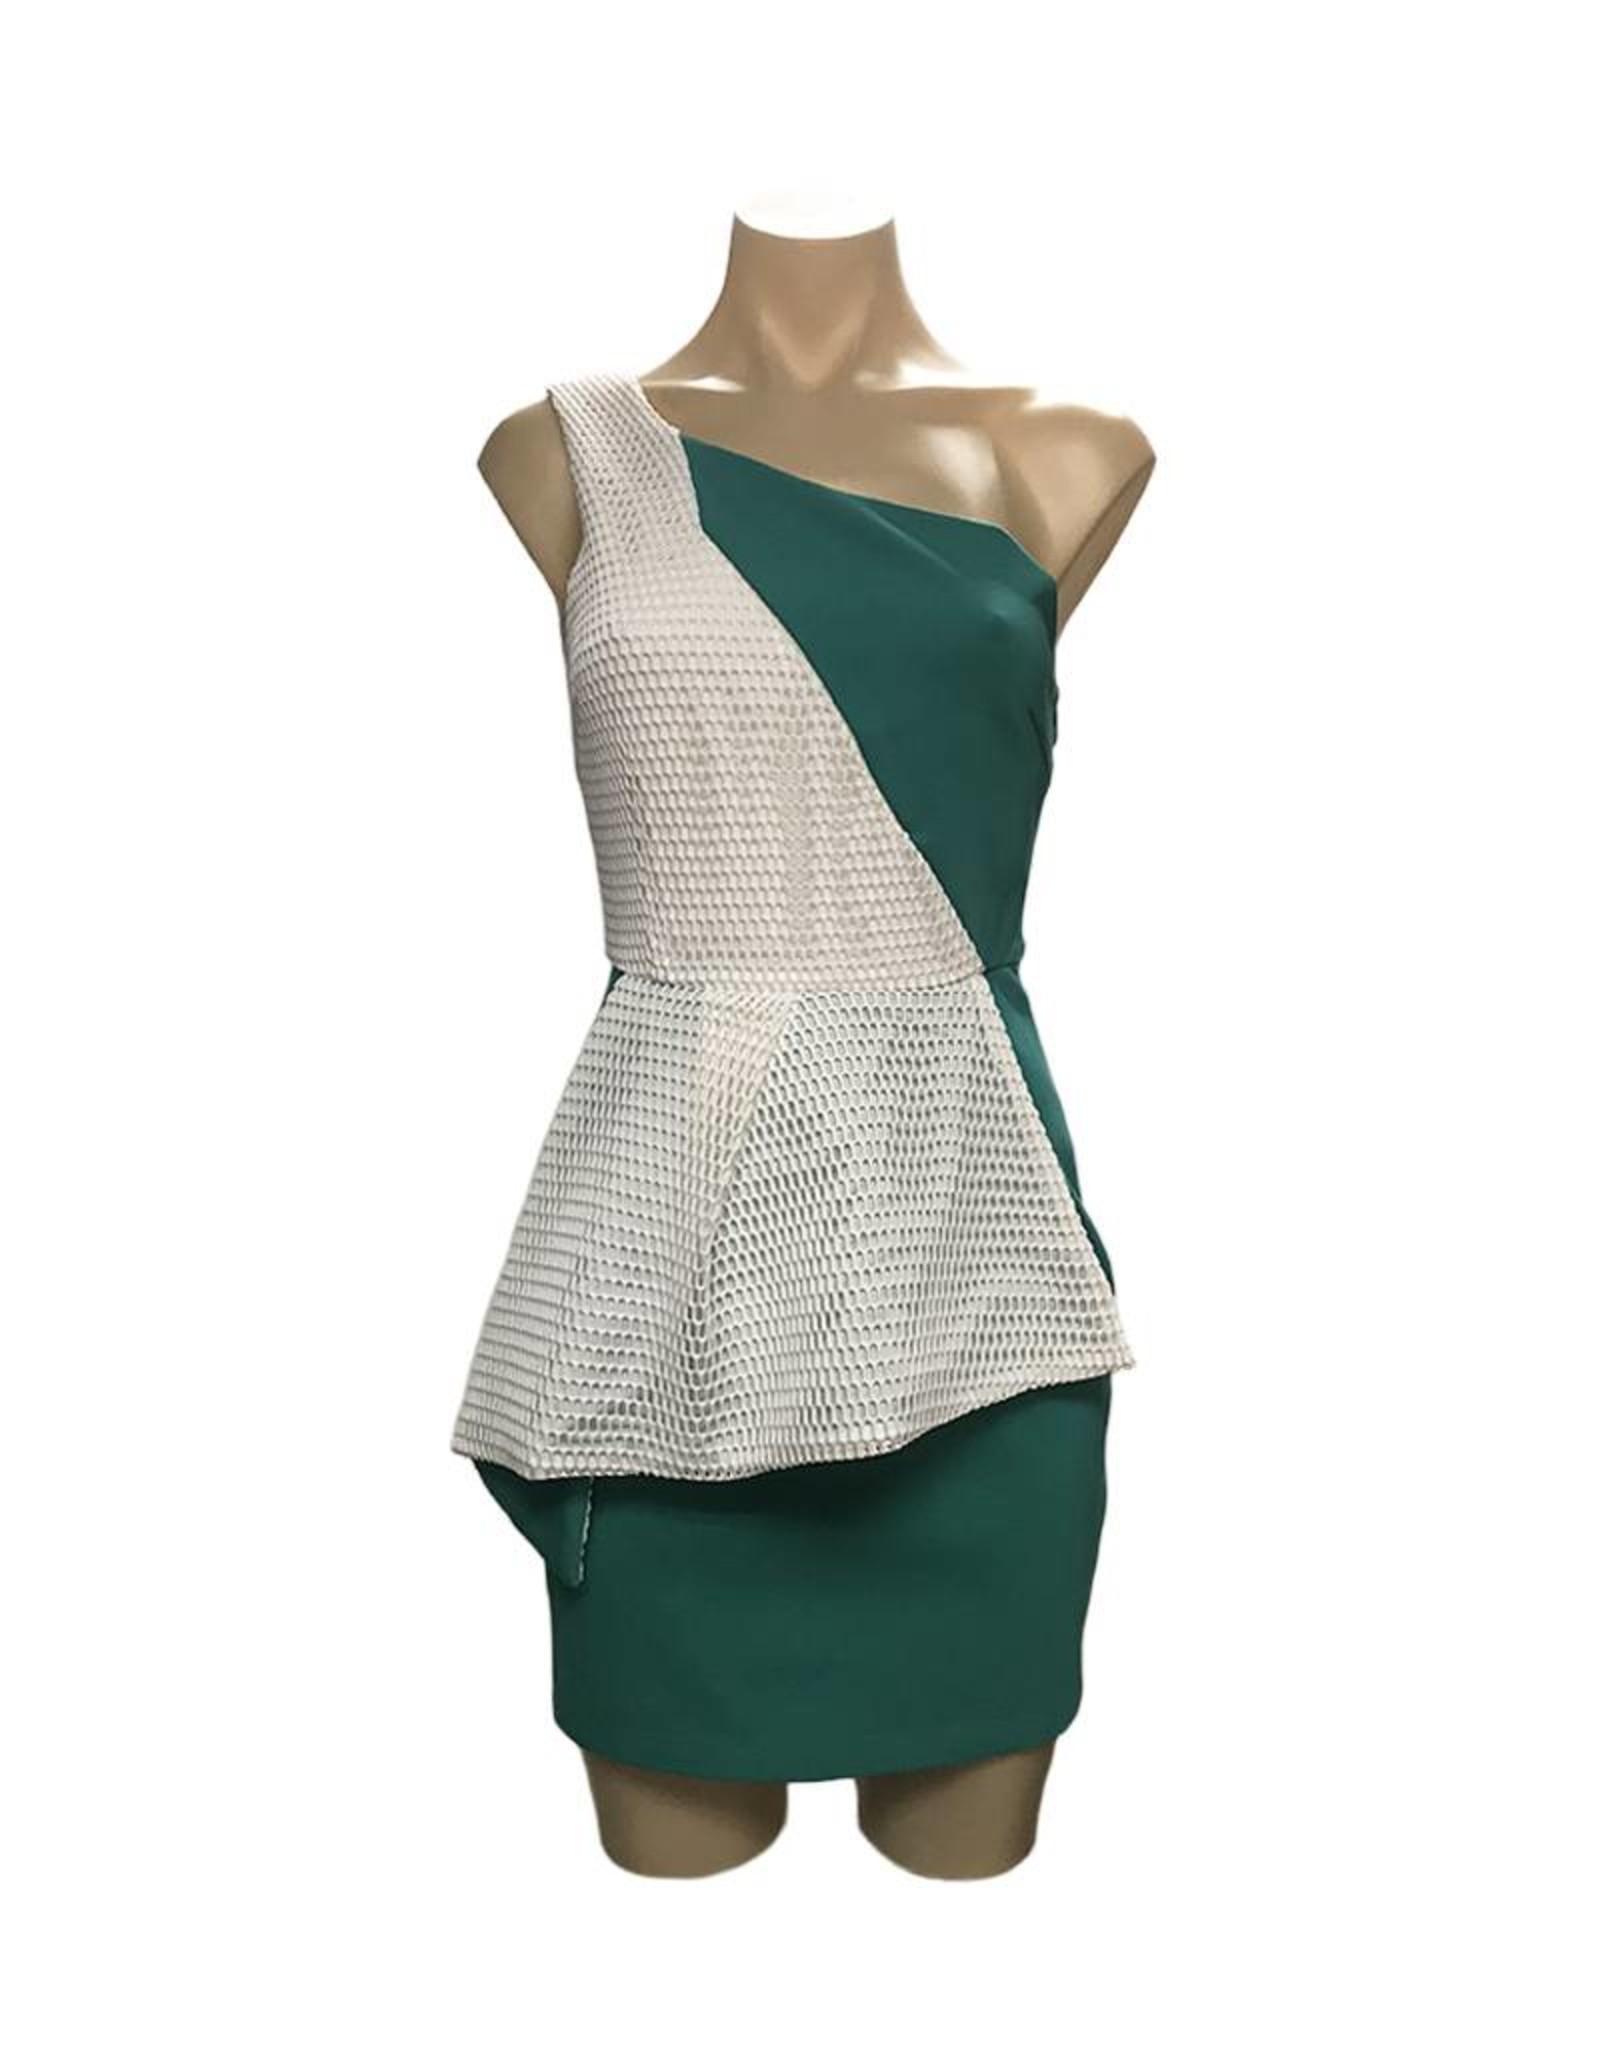 Elliatt Illustrate Dress - Teal/White